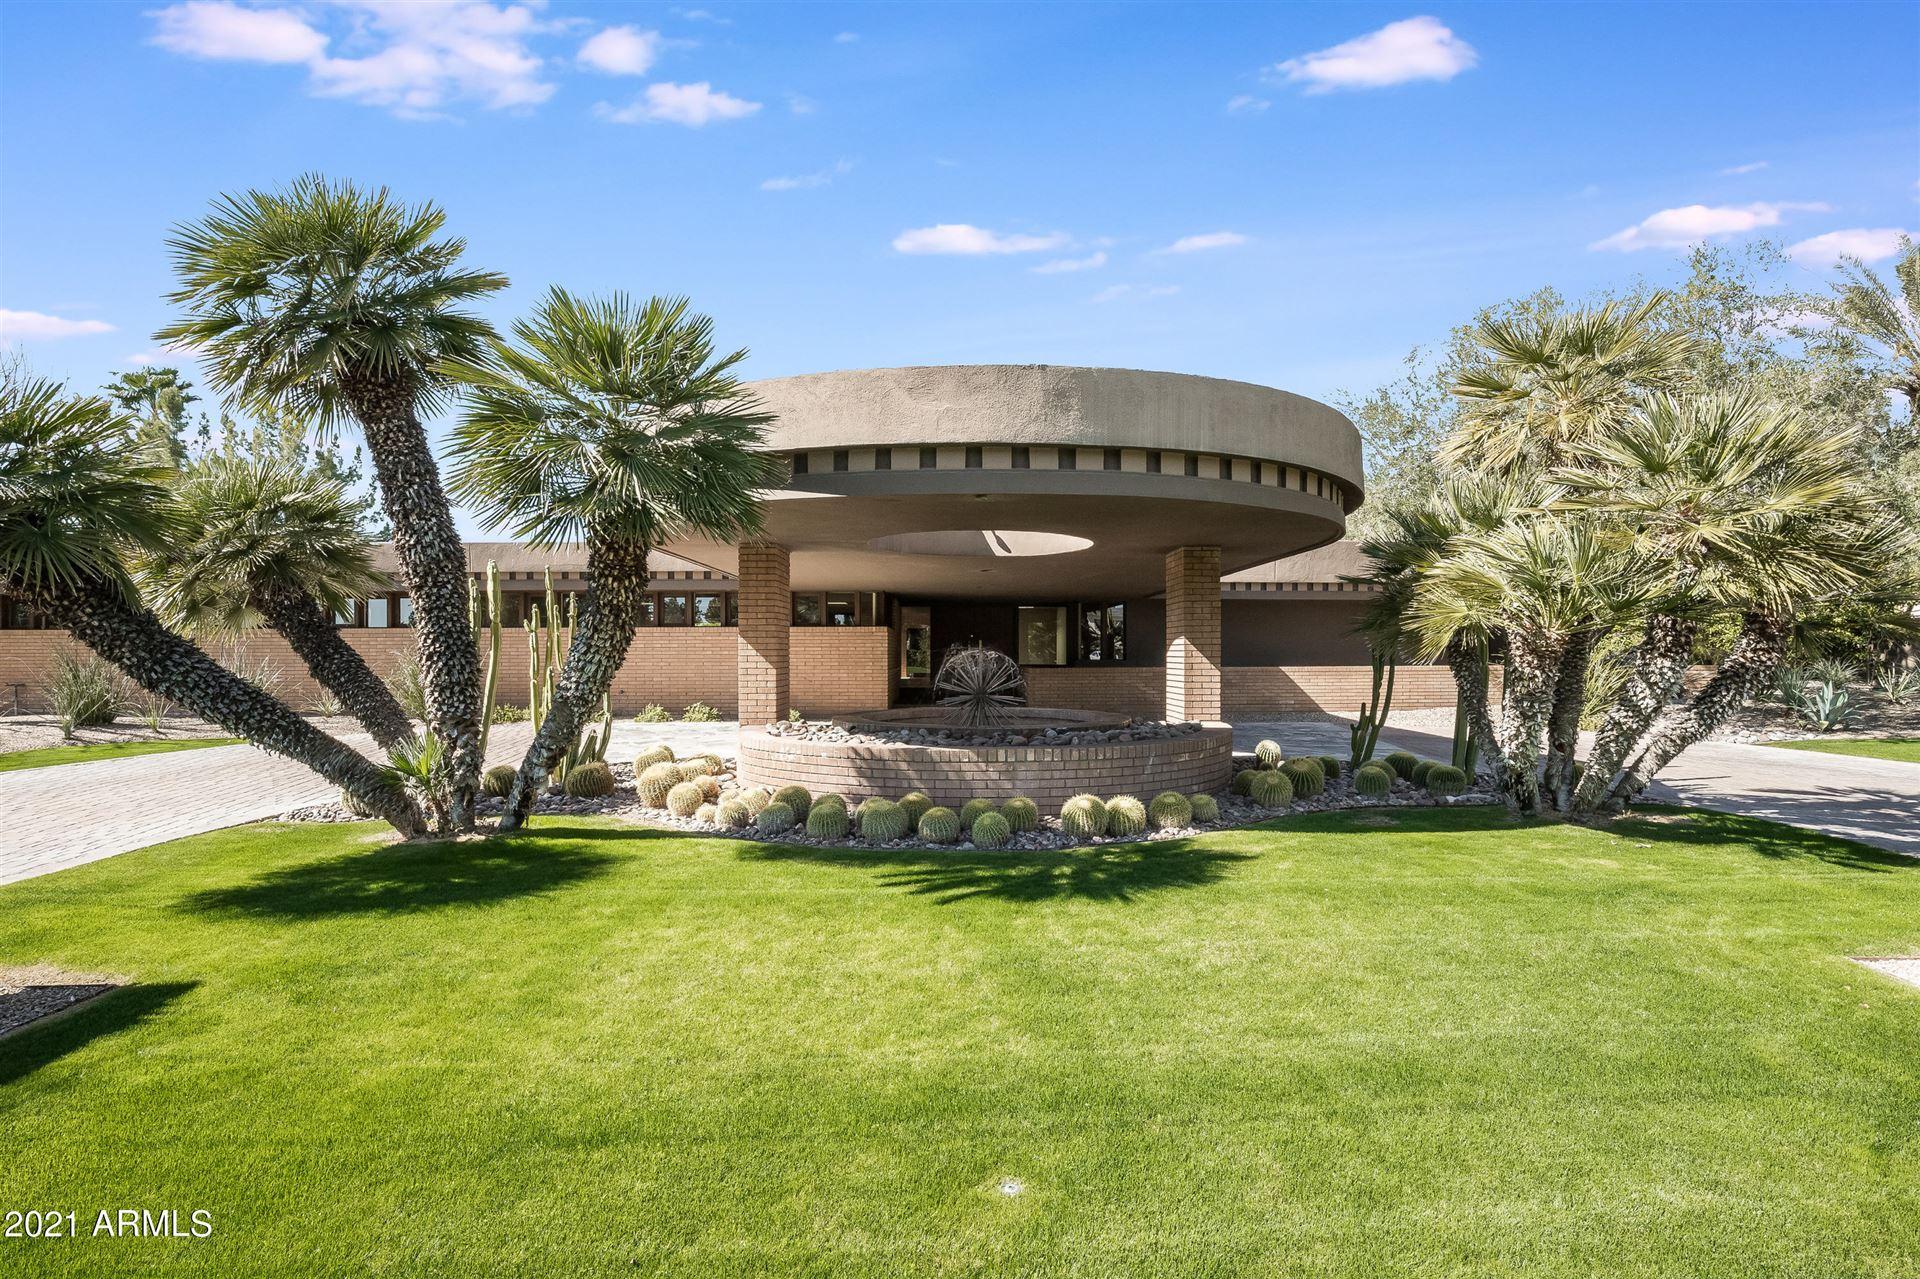 54 Biltmore Estates Drive, Phoenix, AZ 85016 - MLS#: 6198689